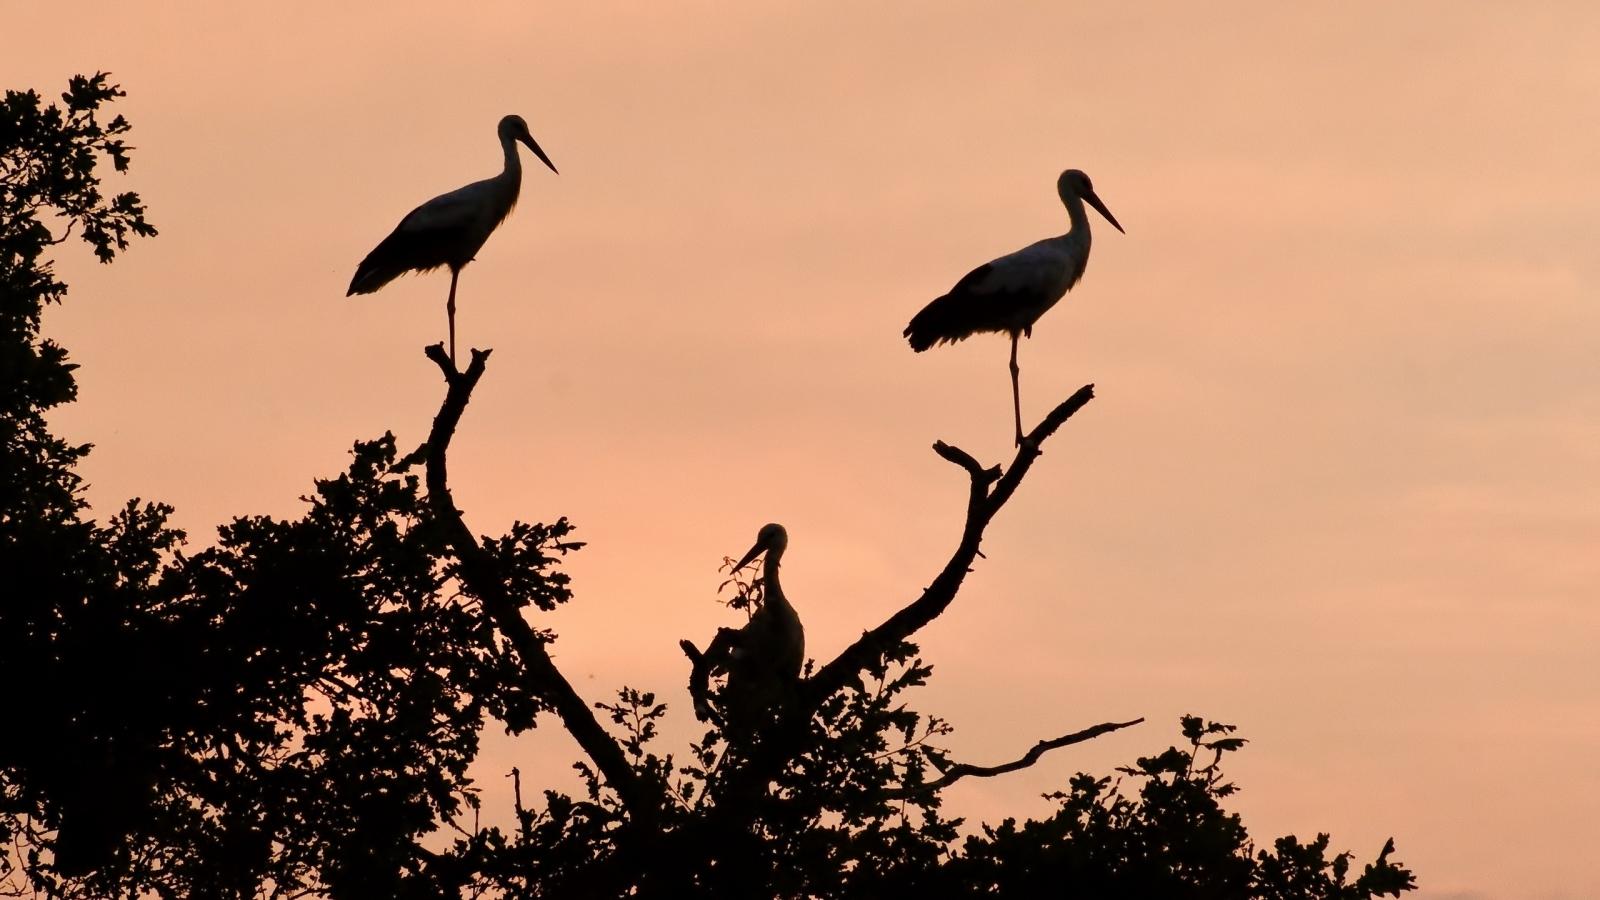 Siluetas de aves - 1600x900